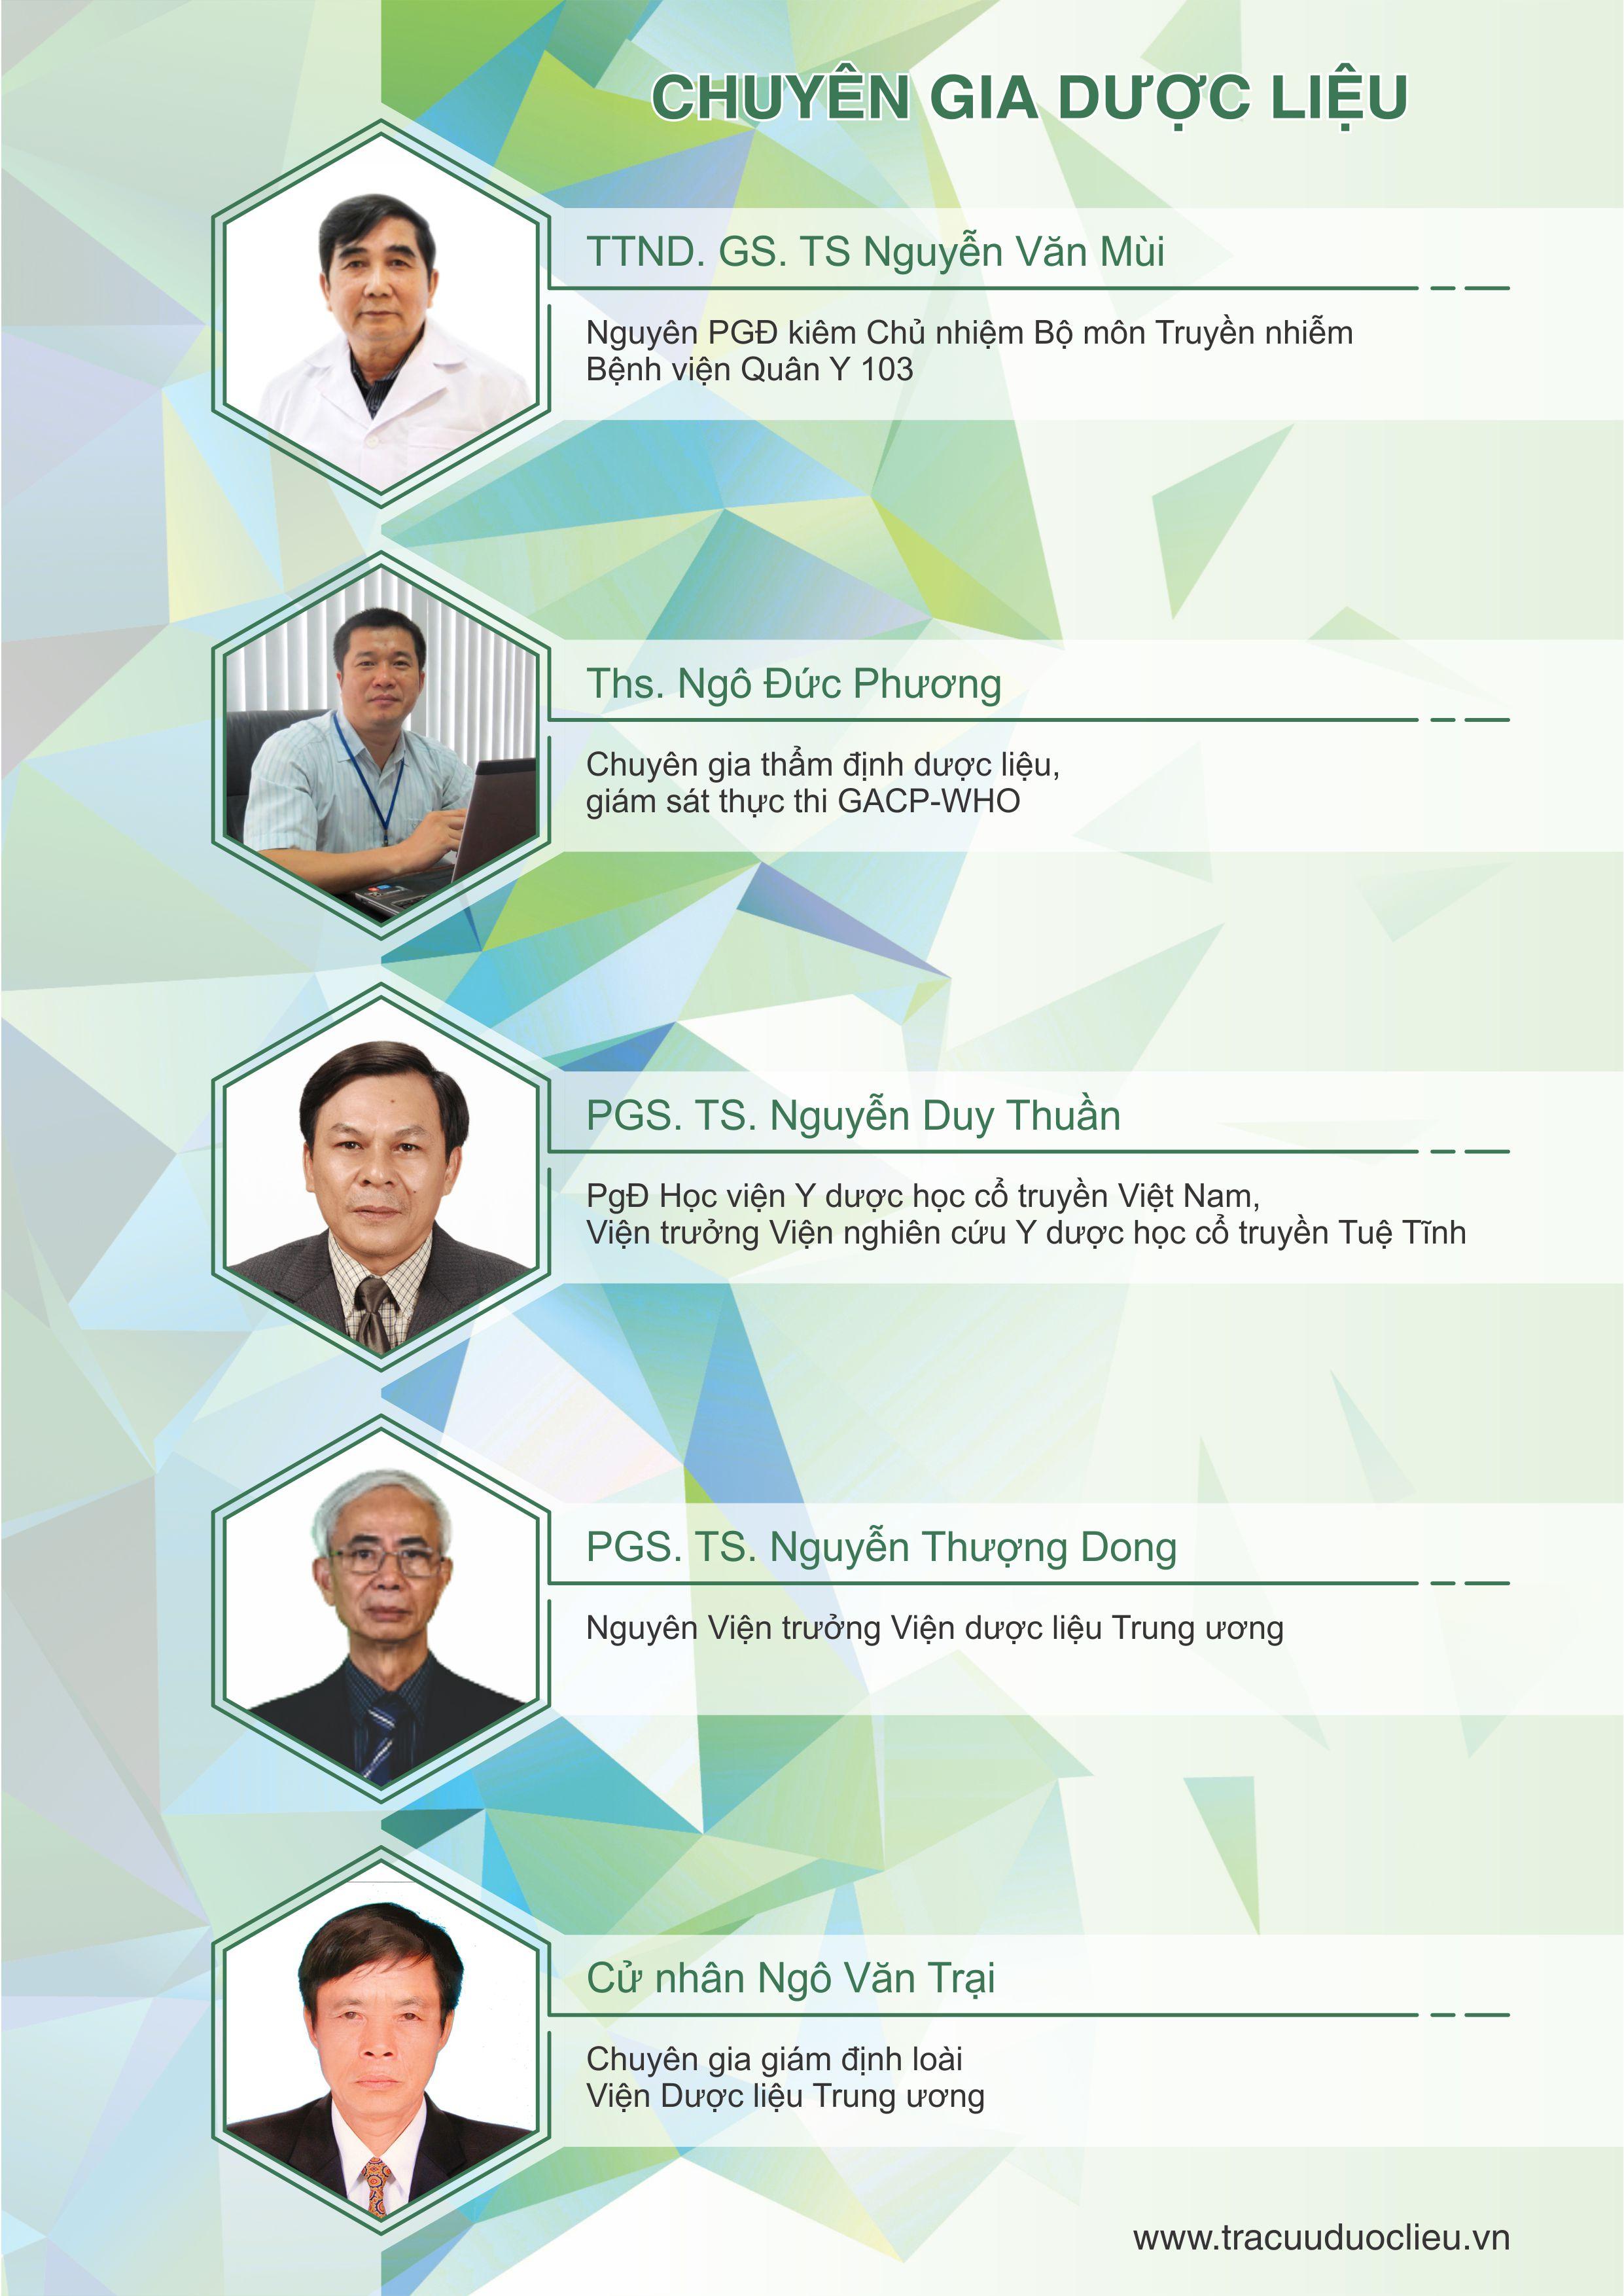 Chuyên gia dược liệu 1